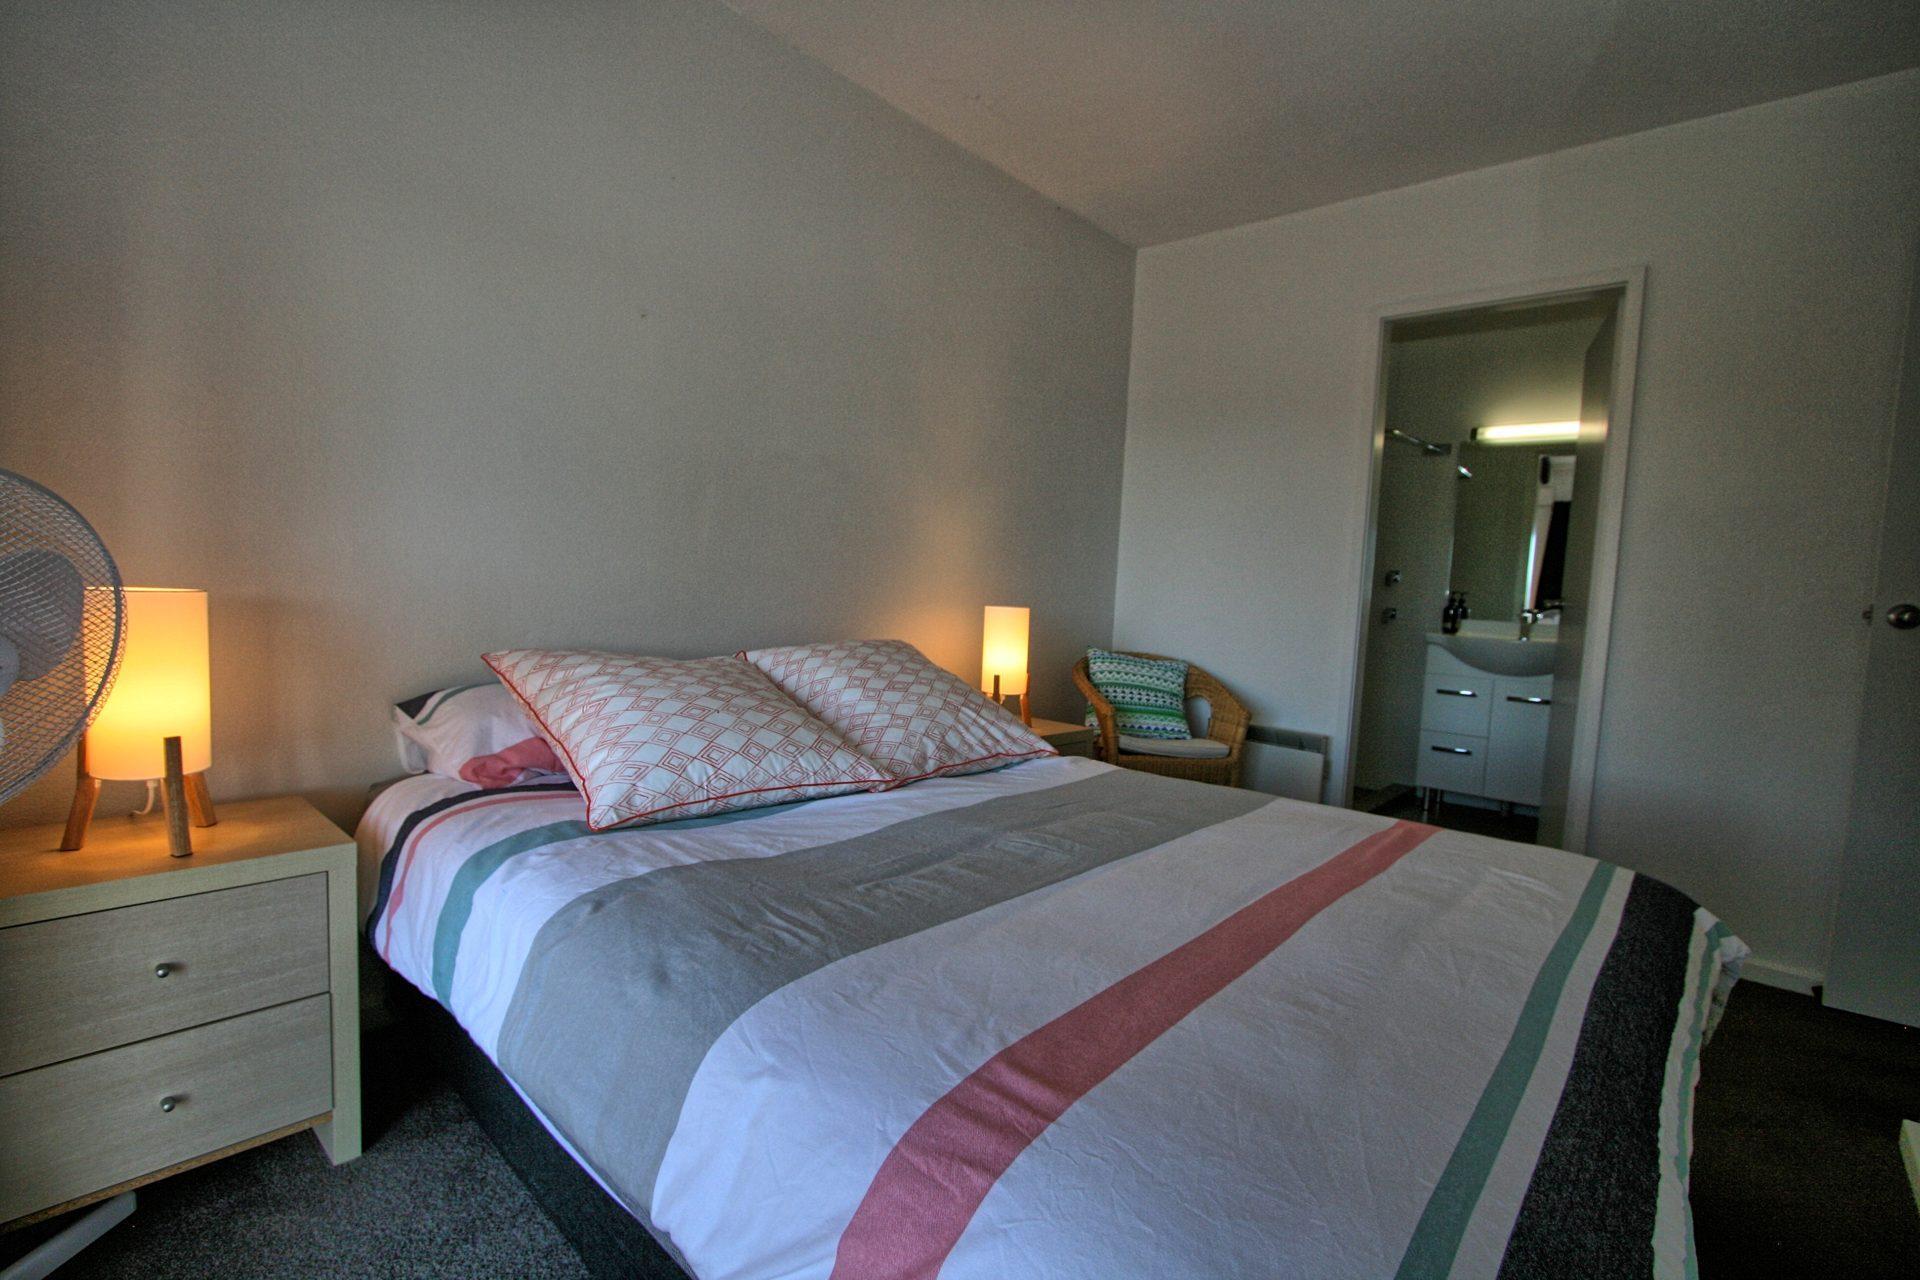 Kooringa 1, Jindabyne - Bedroom 1 with ensuite